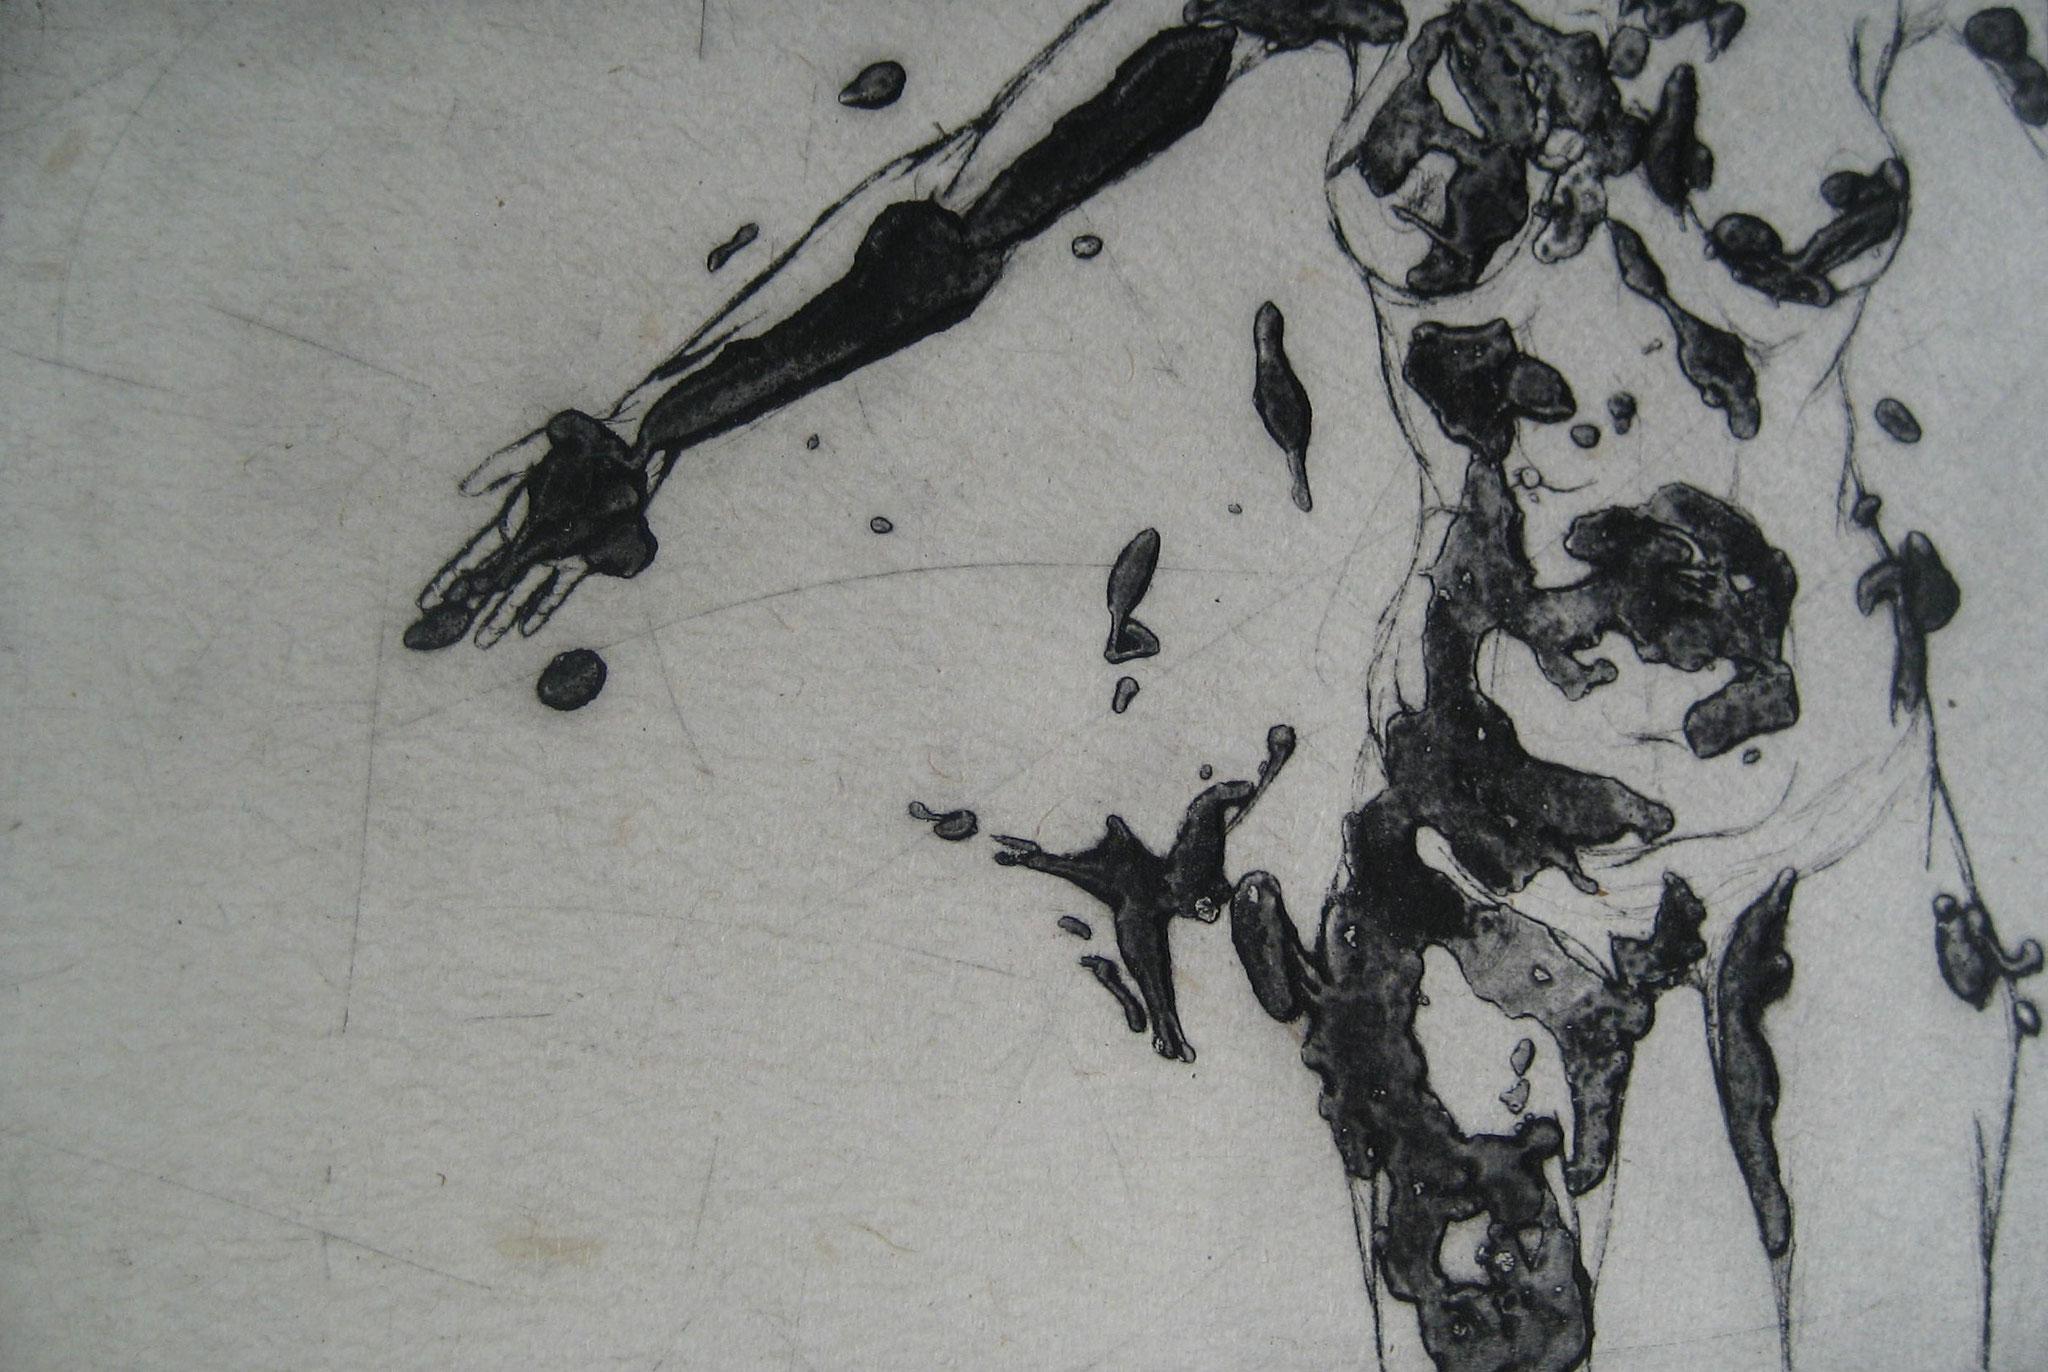 La Poupée encollée - Pointe sèche et carborundum sur zinc, chine appliqué - 2012